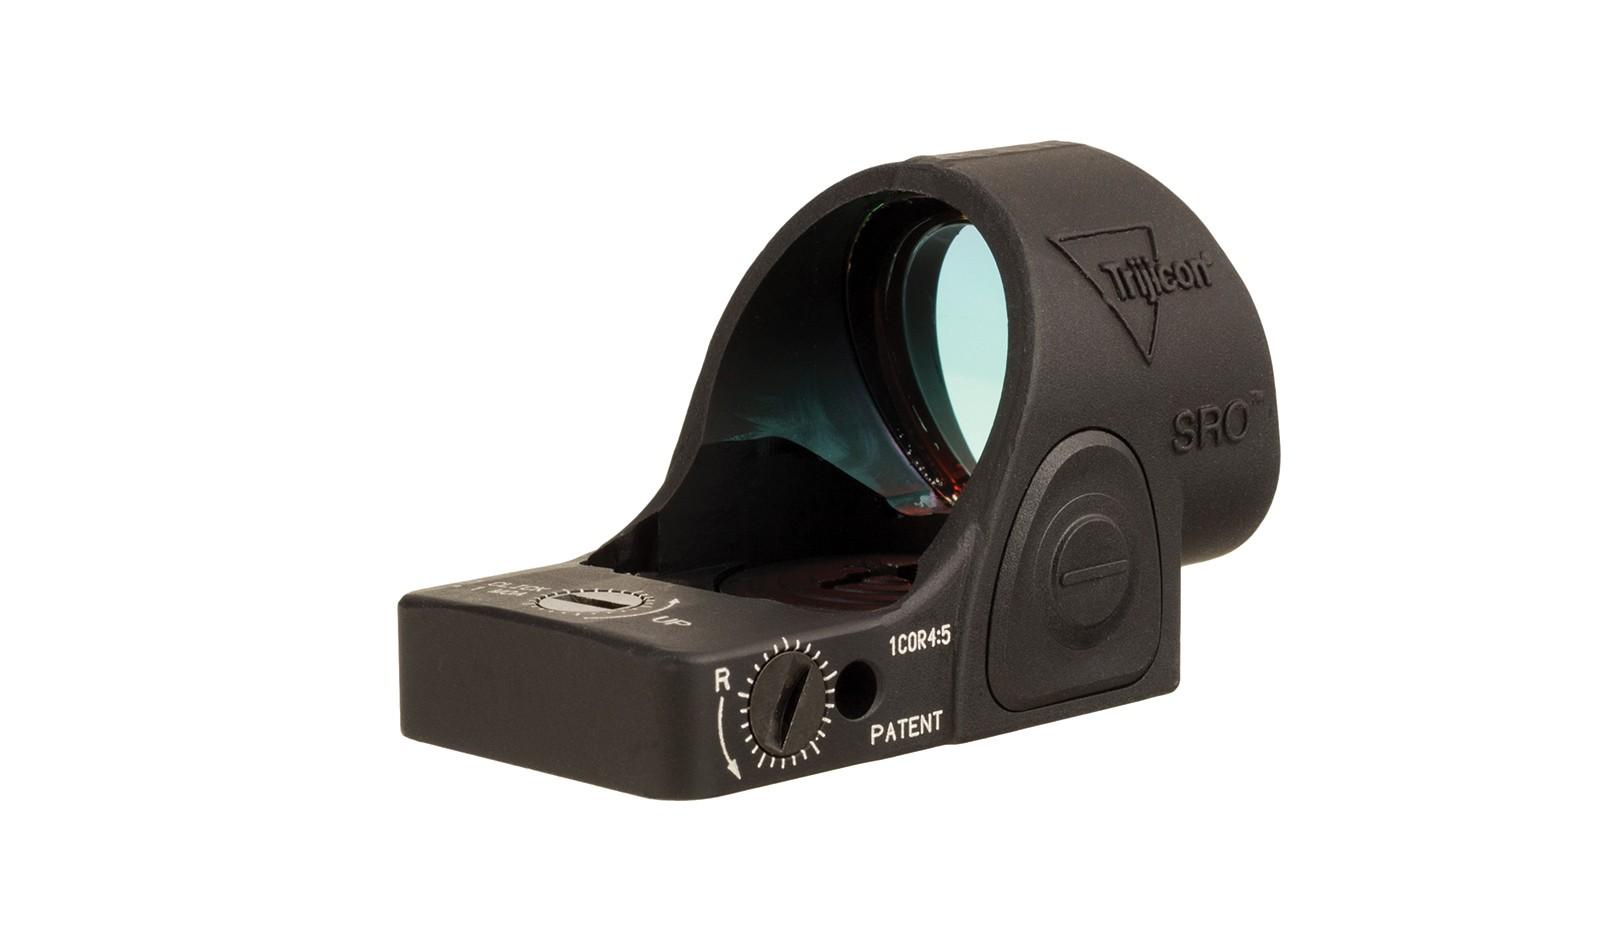 SRO1-C-2500001 angle 5